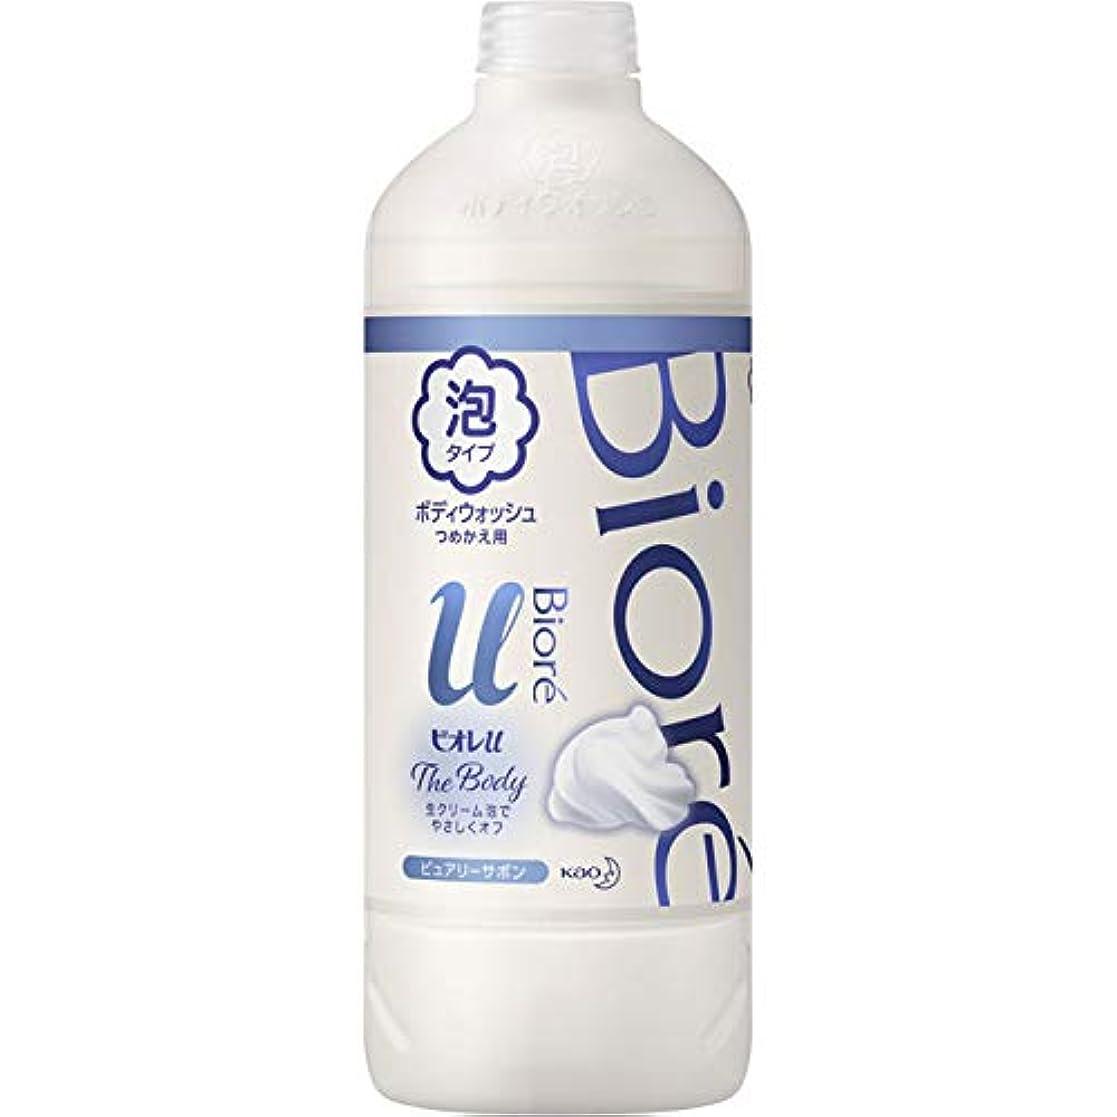 完璧な損なう宿花王 ビオレu ザ ボディ泡ピュアリーサボンの香り 詰替え用 450ml